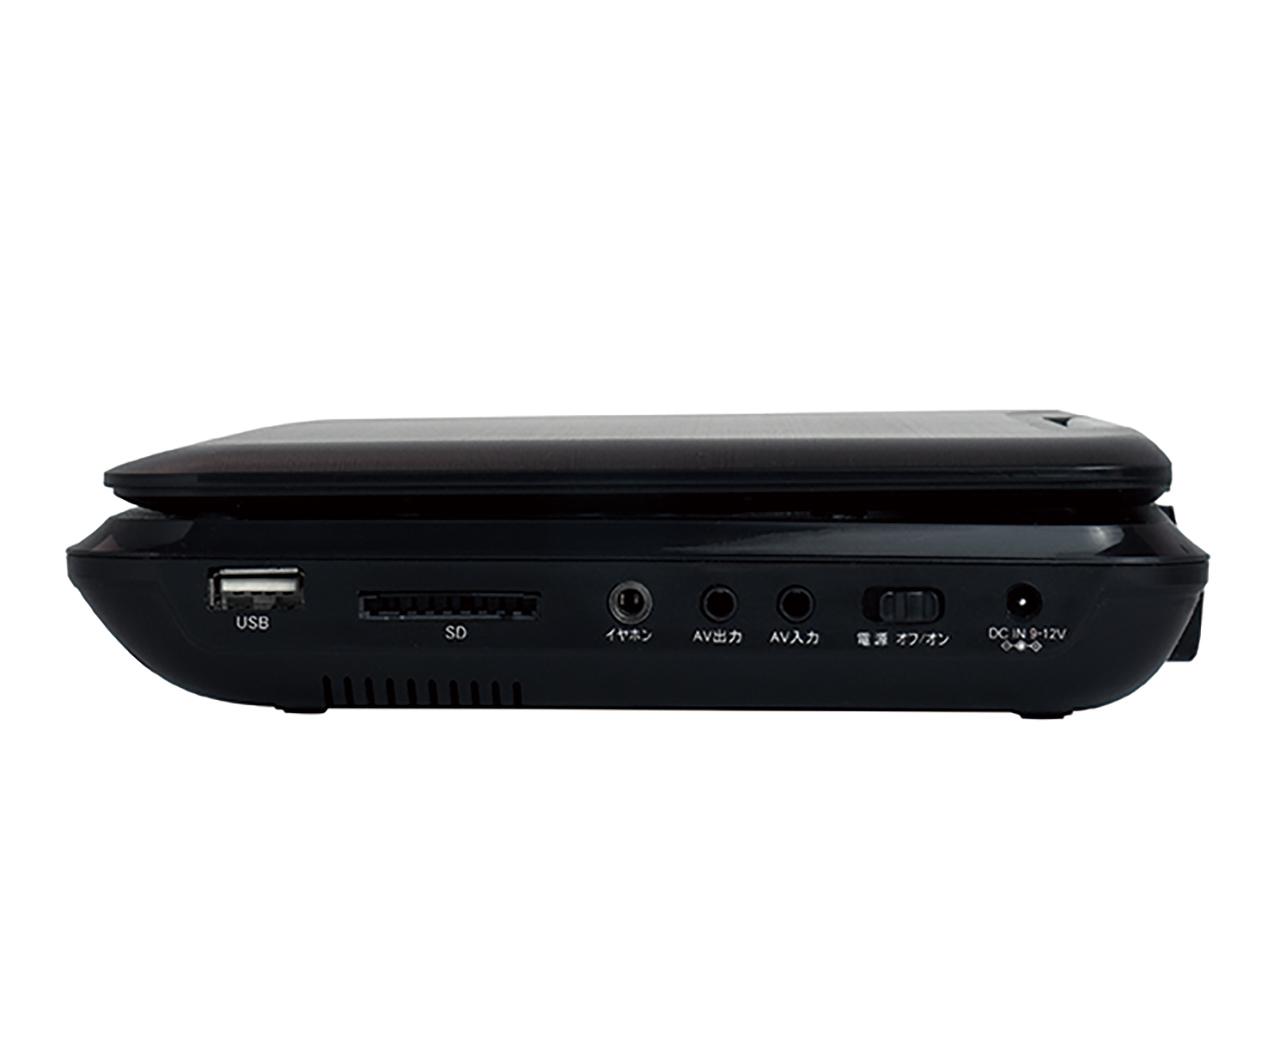 7インチワンセグTV搭載ポータブルDVDプレーヤー